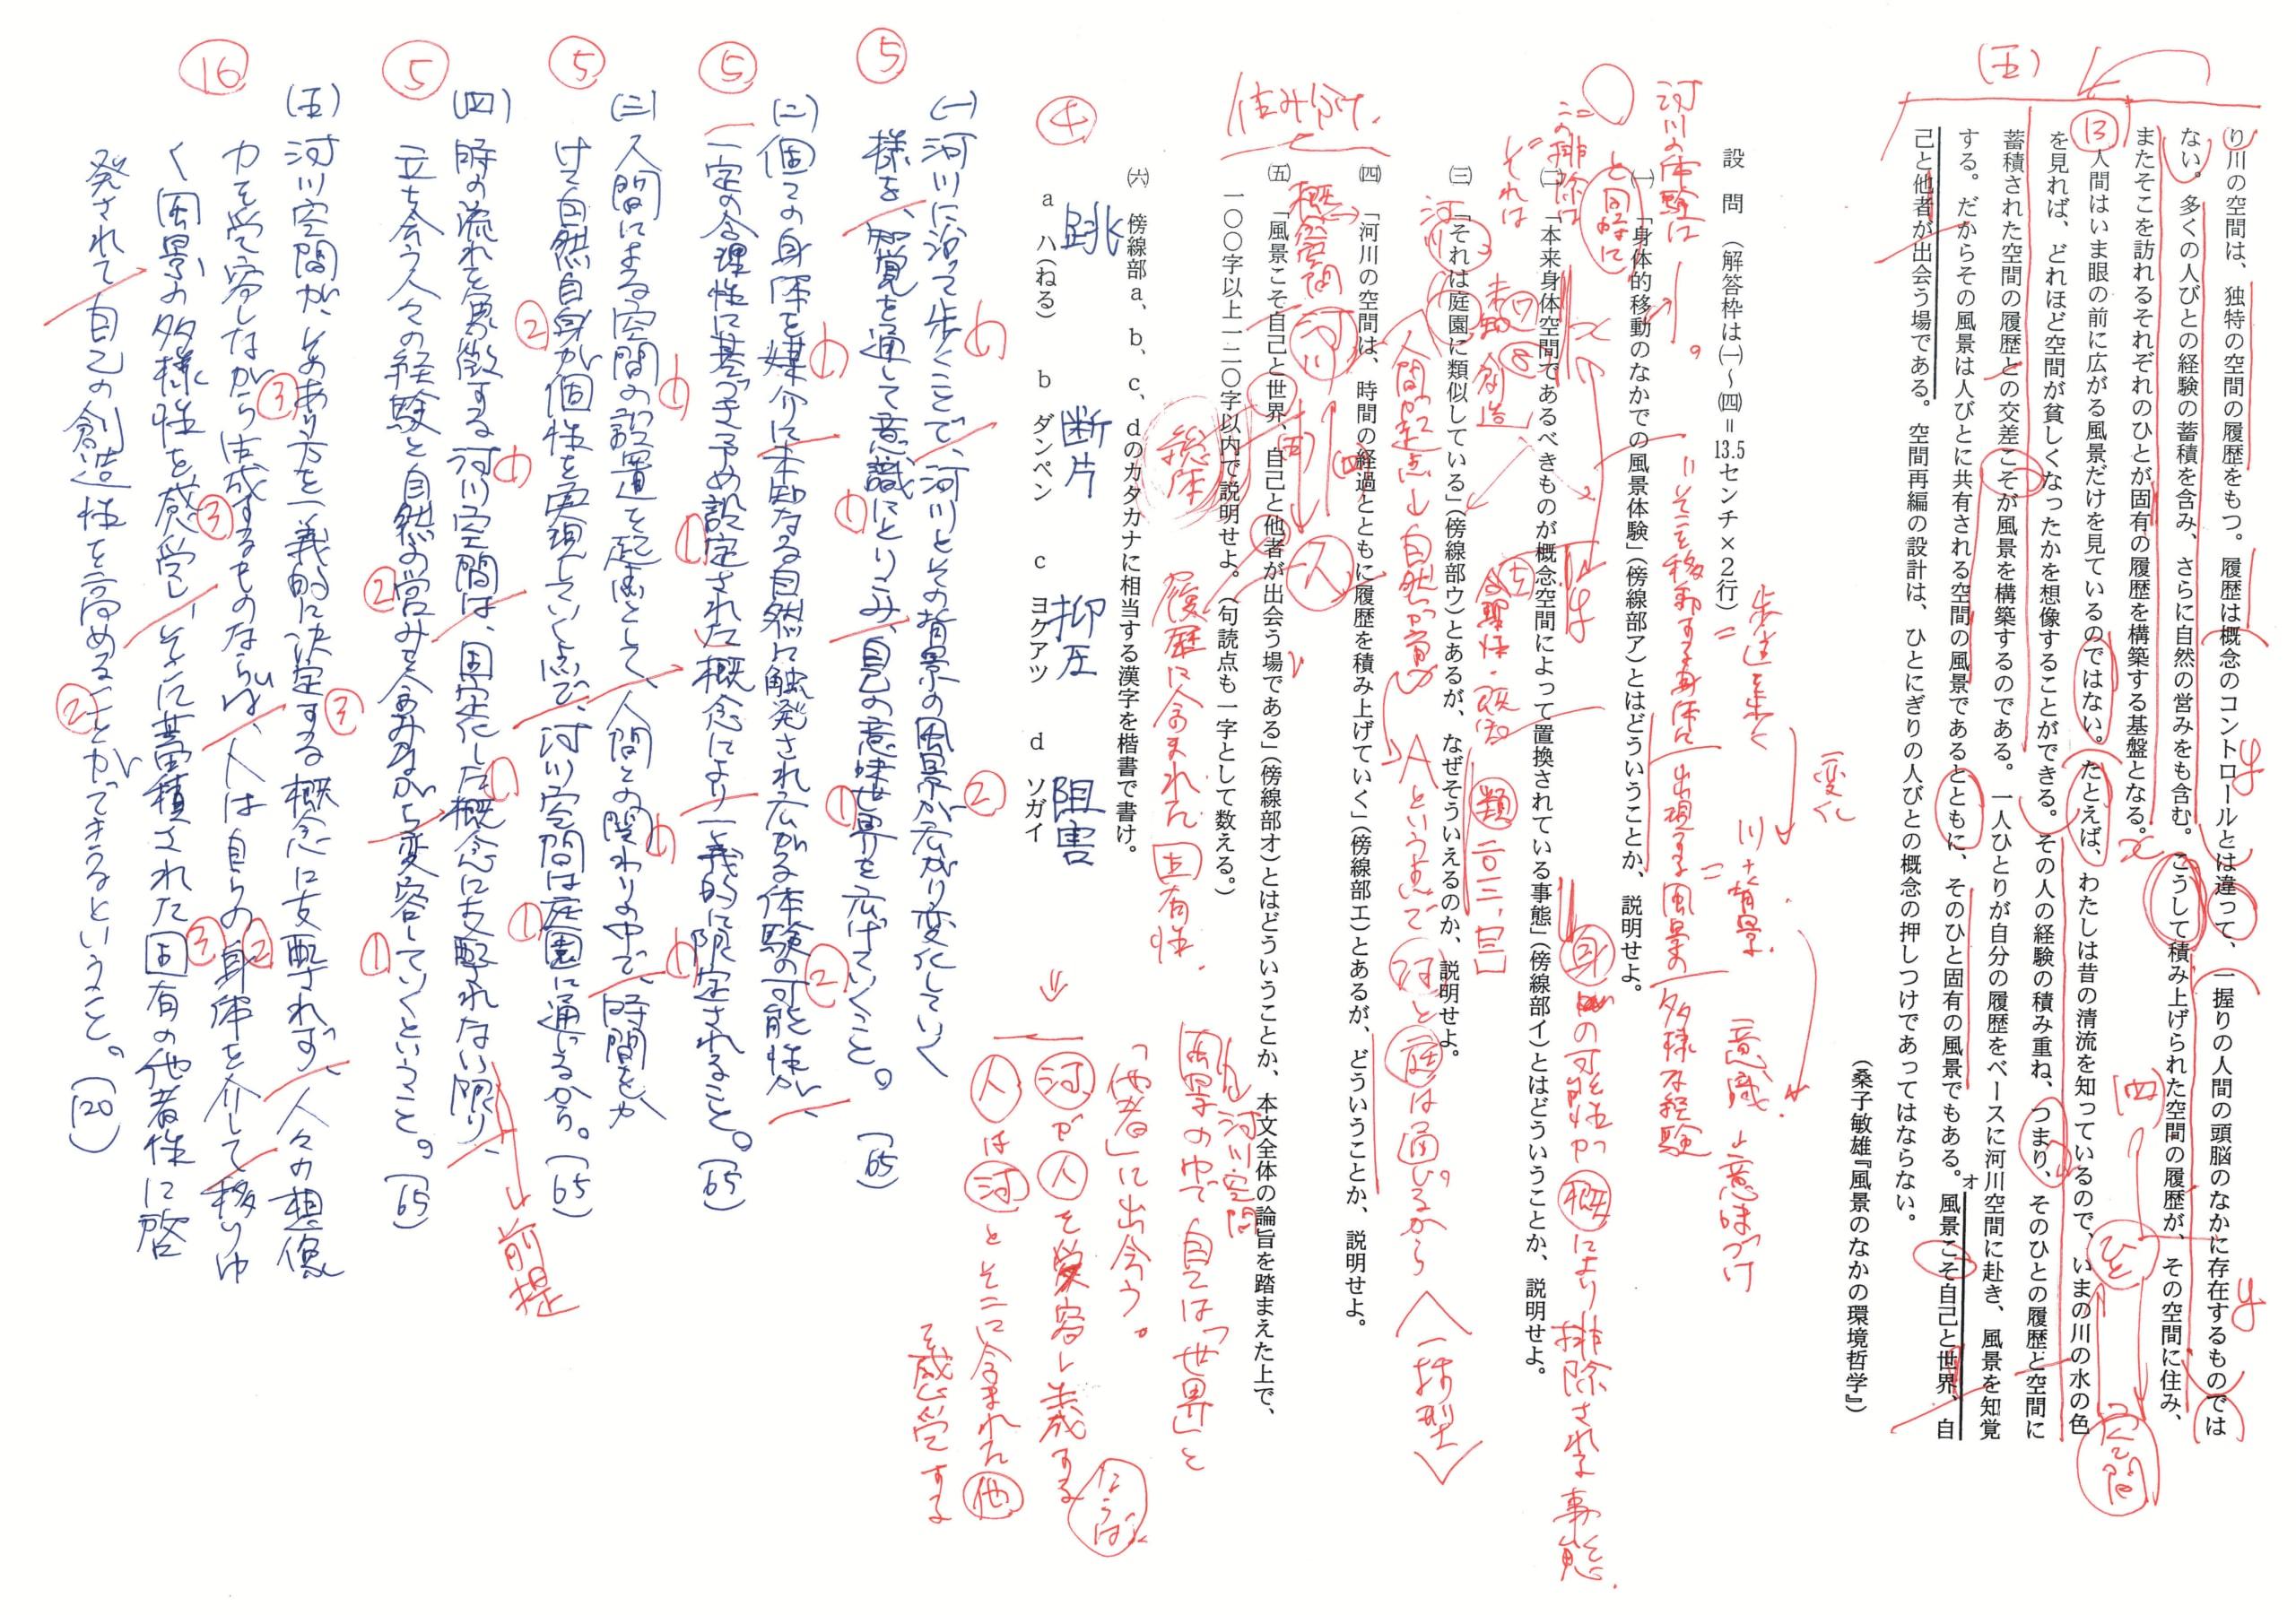 MX-M565FN_20190119_122911_002